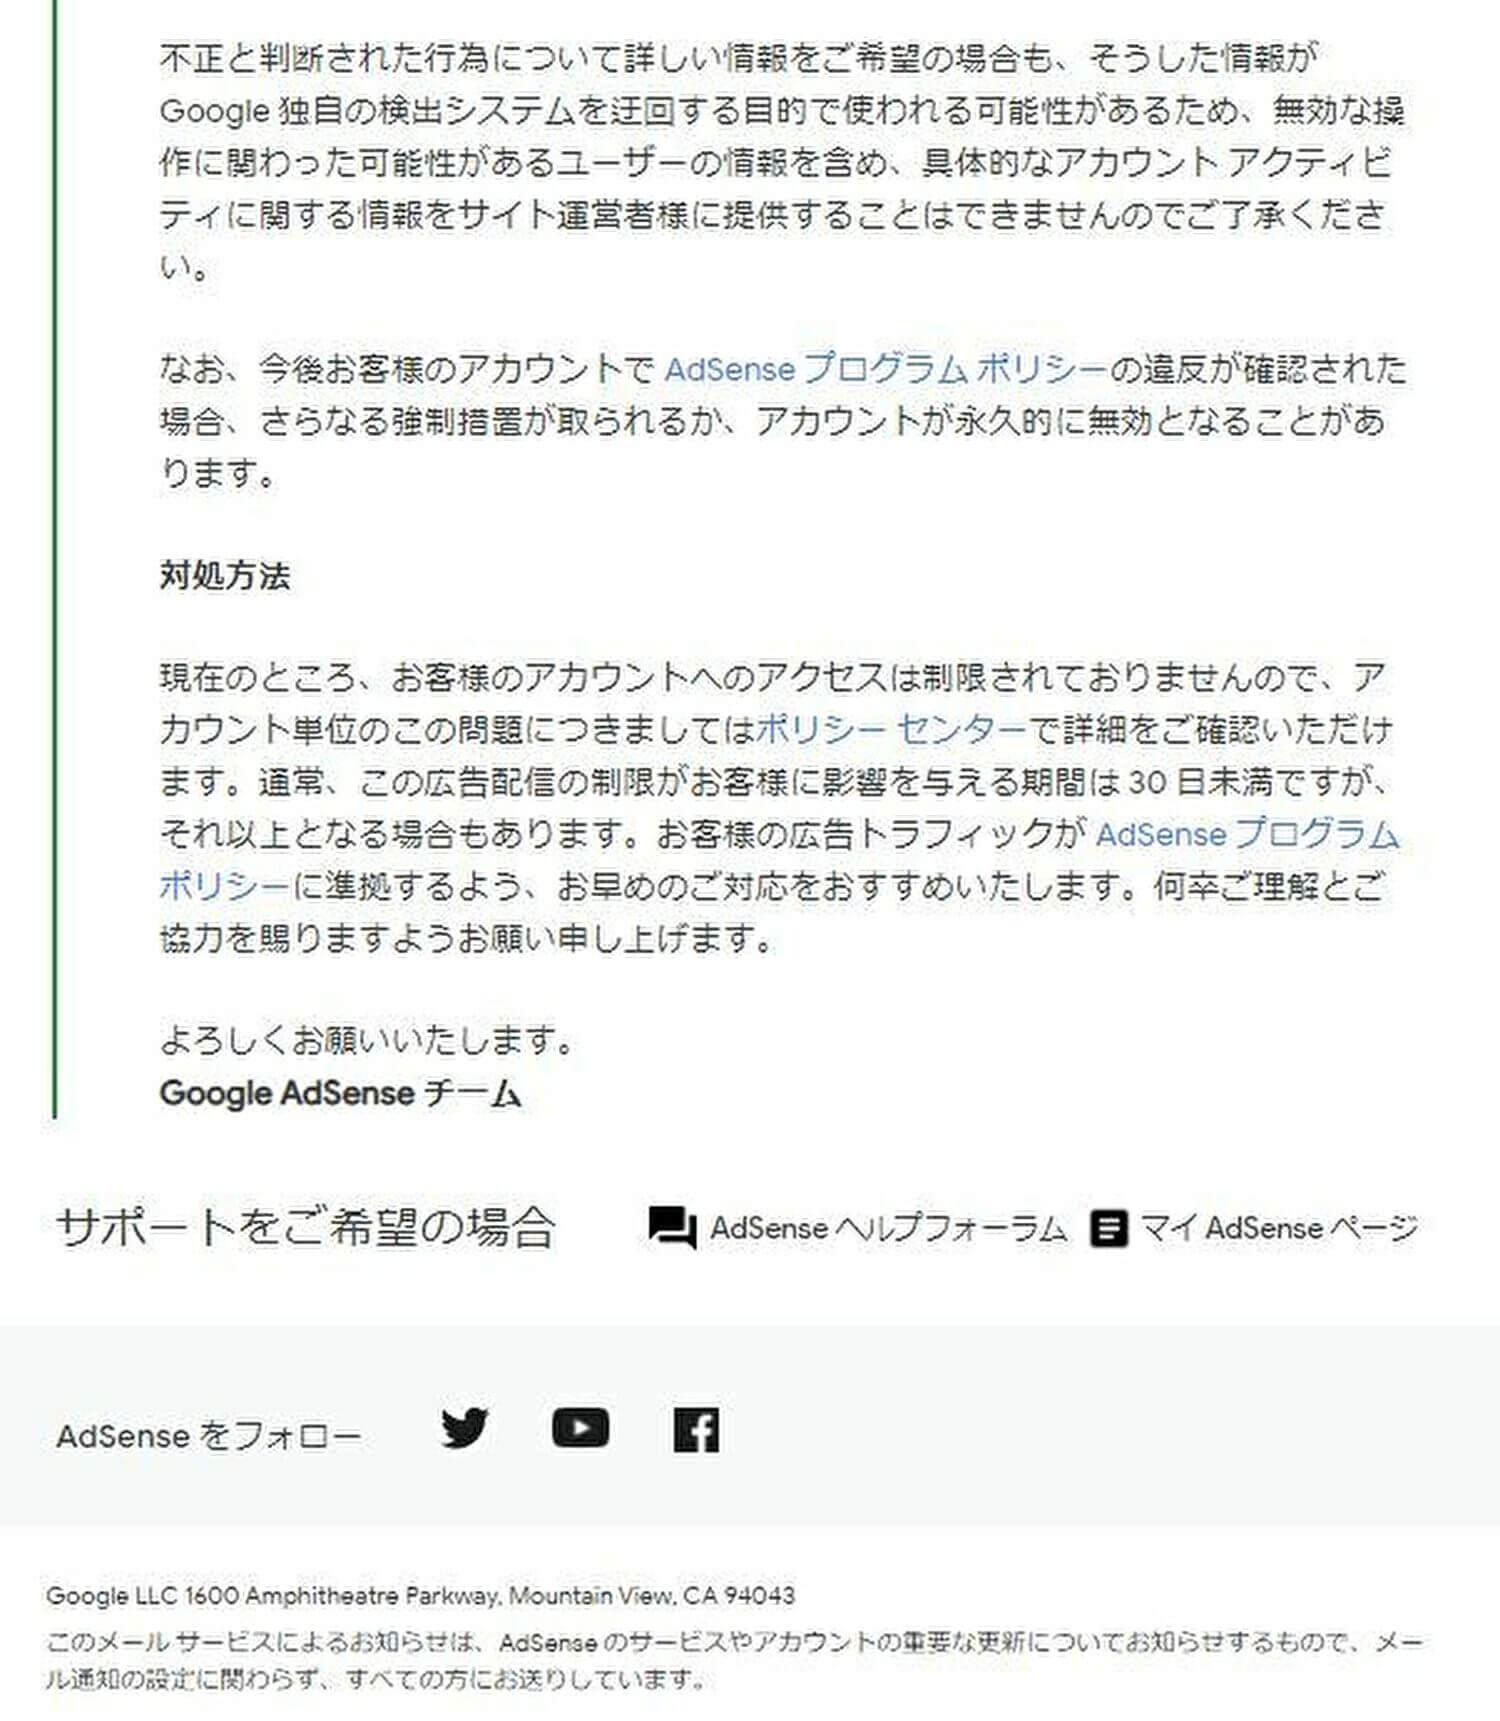 お客様のAdSenseアカウントでの広告配信を制限しました03